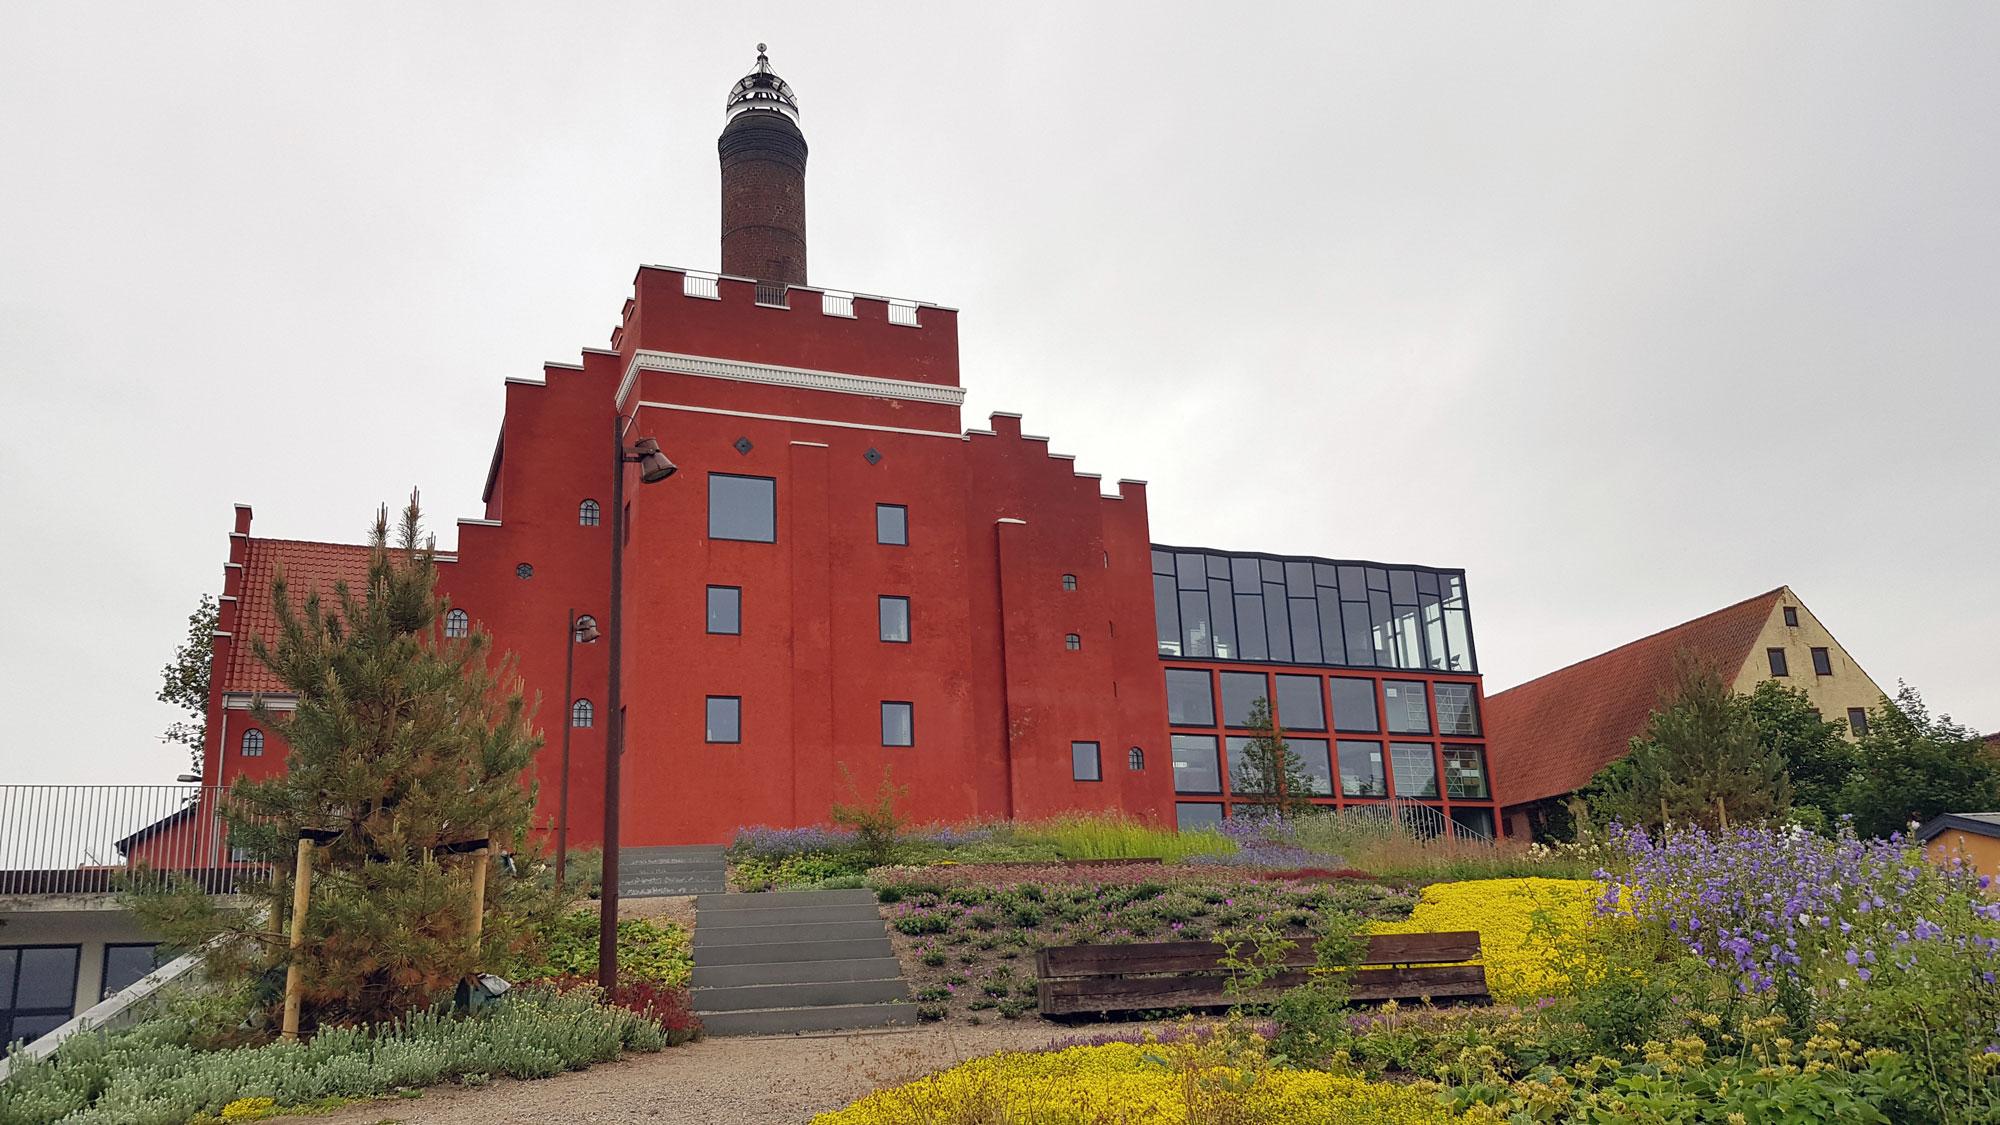 Den røde bygning Maltfabrikken med bevoksning og blomster foran